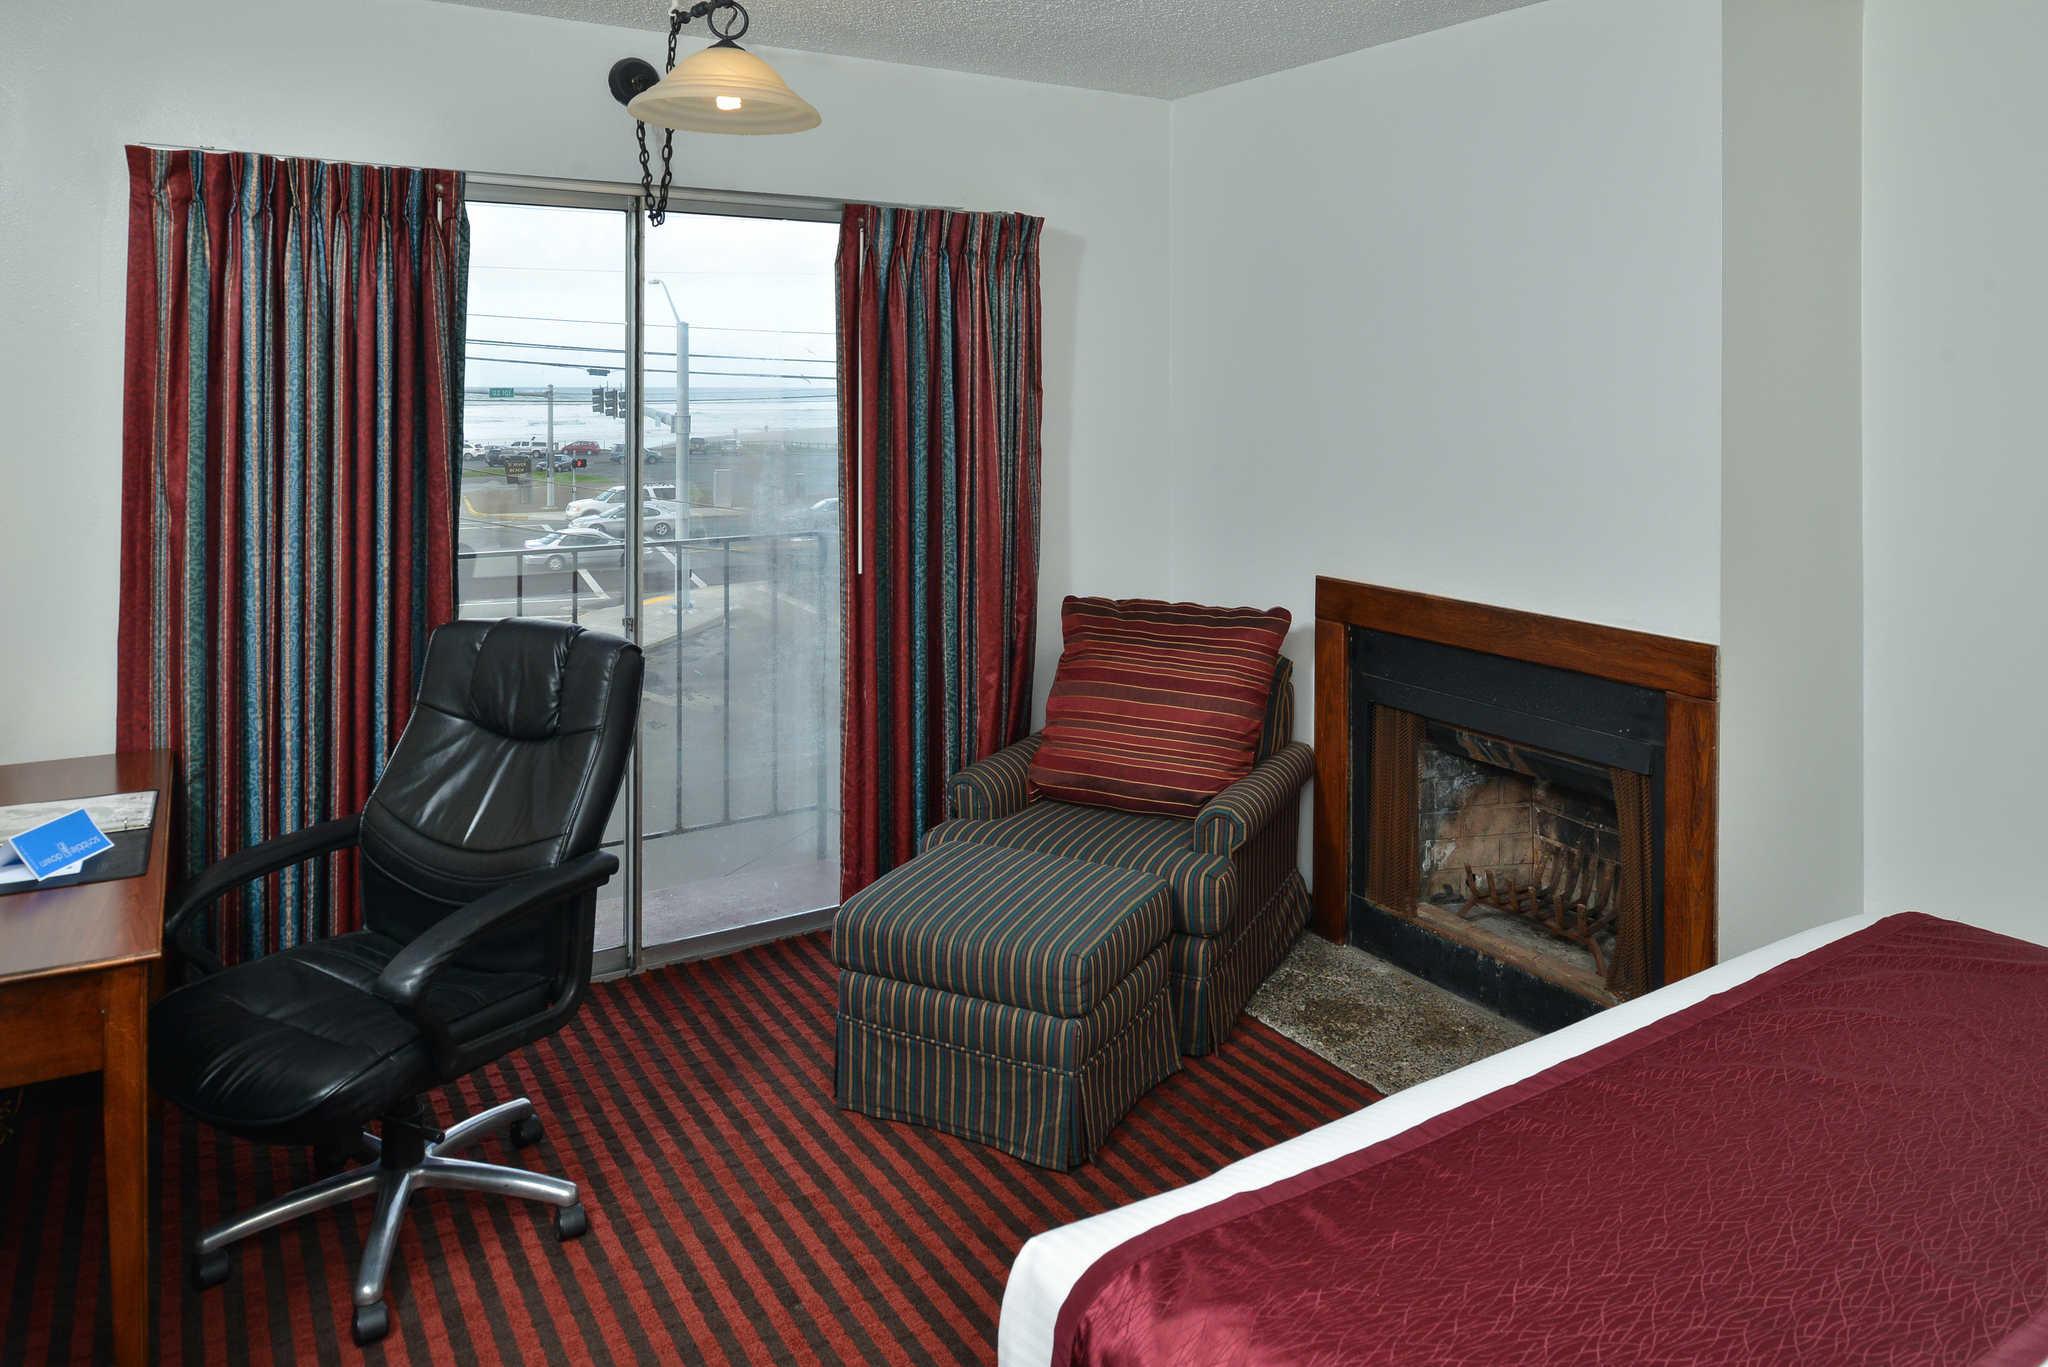 Rodeway Inn & Suites - Closed image 3